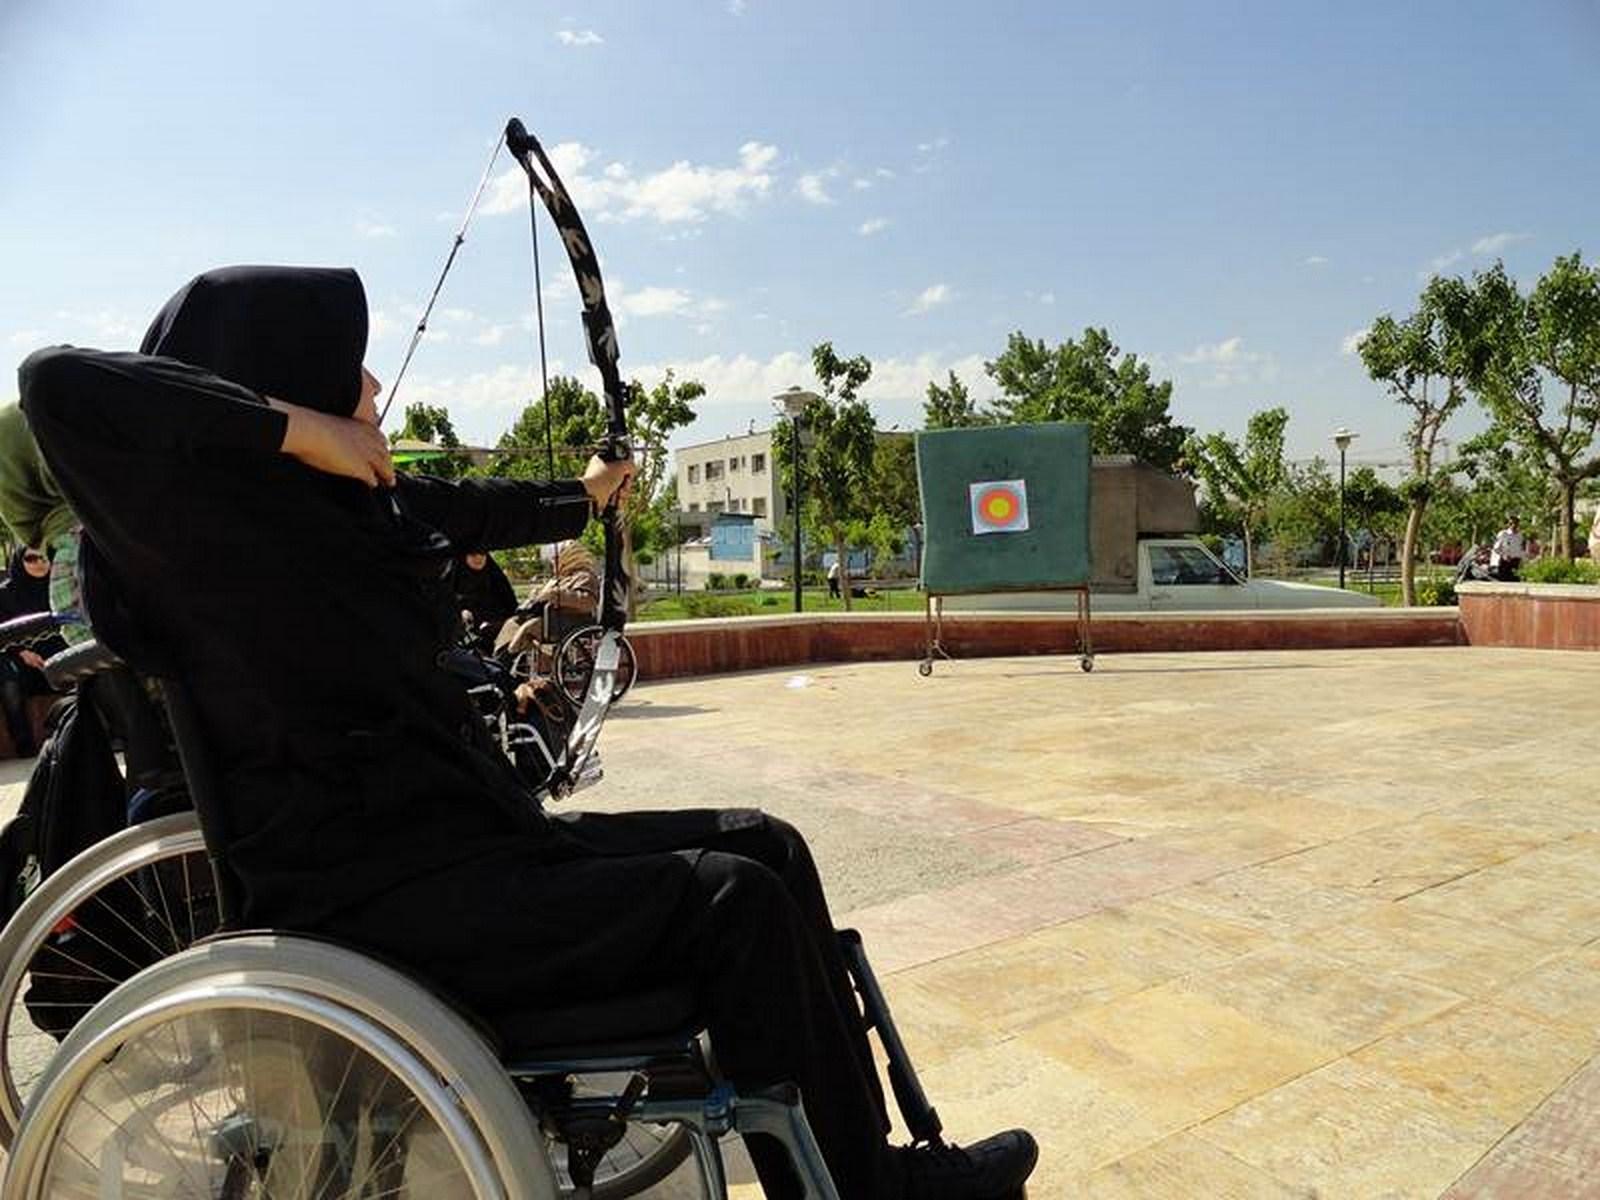 زمینههای لازم برای ورزش معلولان نجف آبادی فراهم شده است